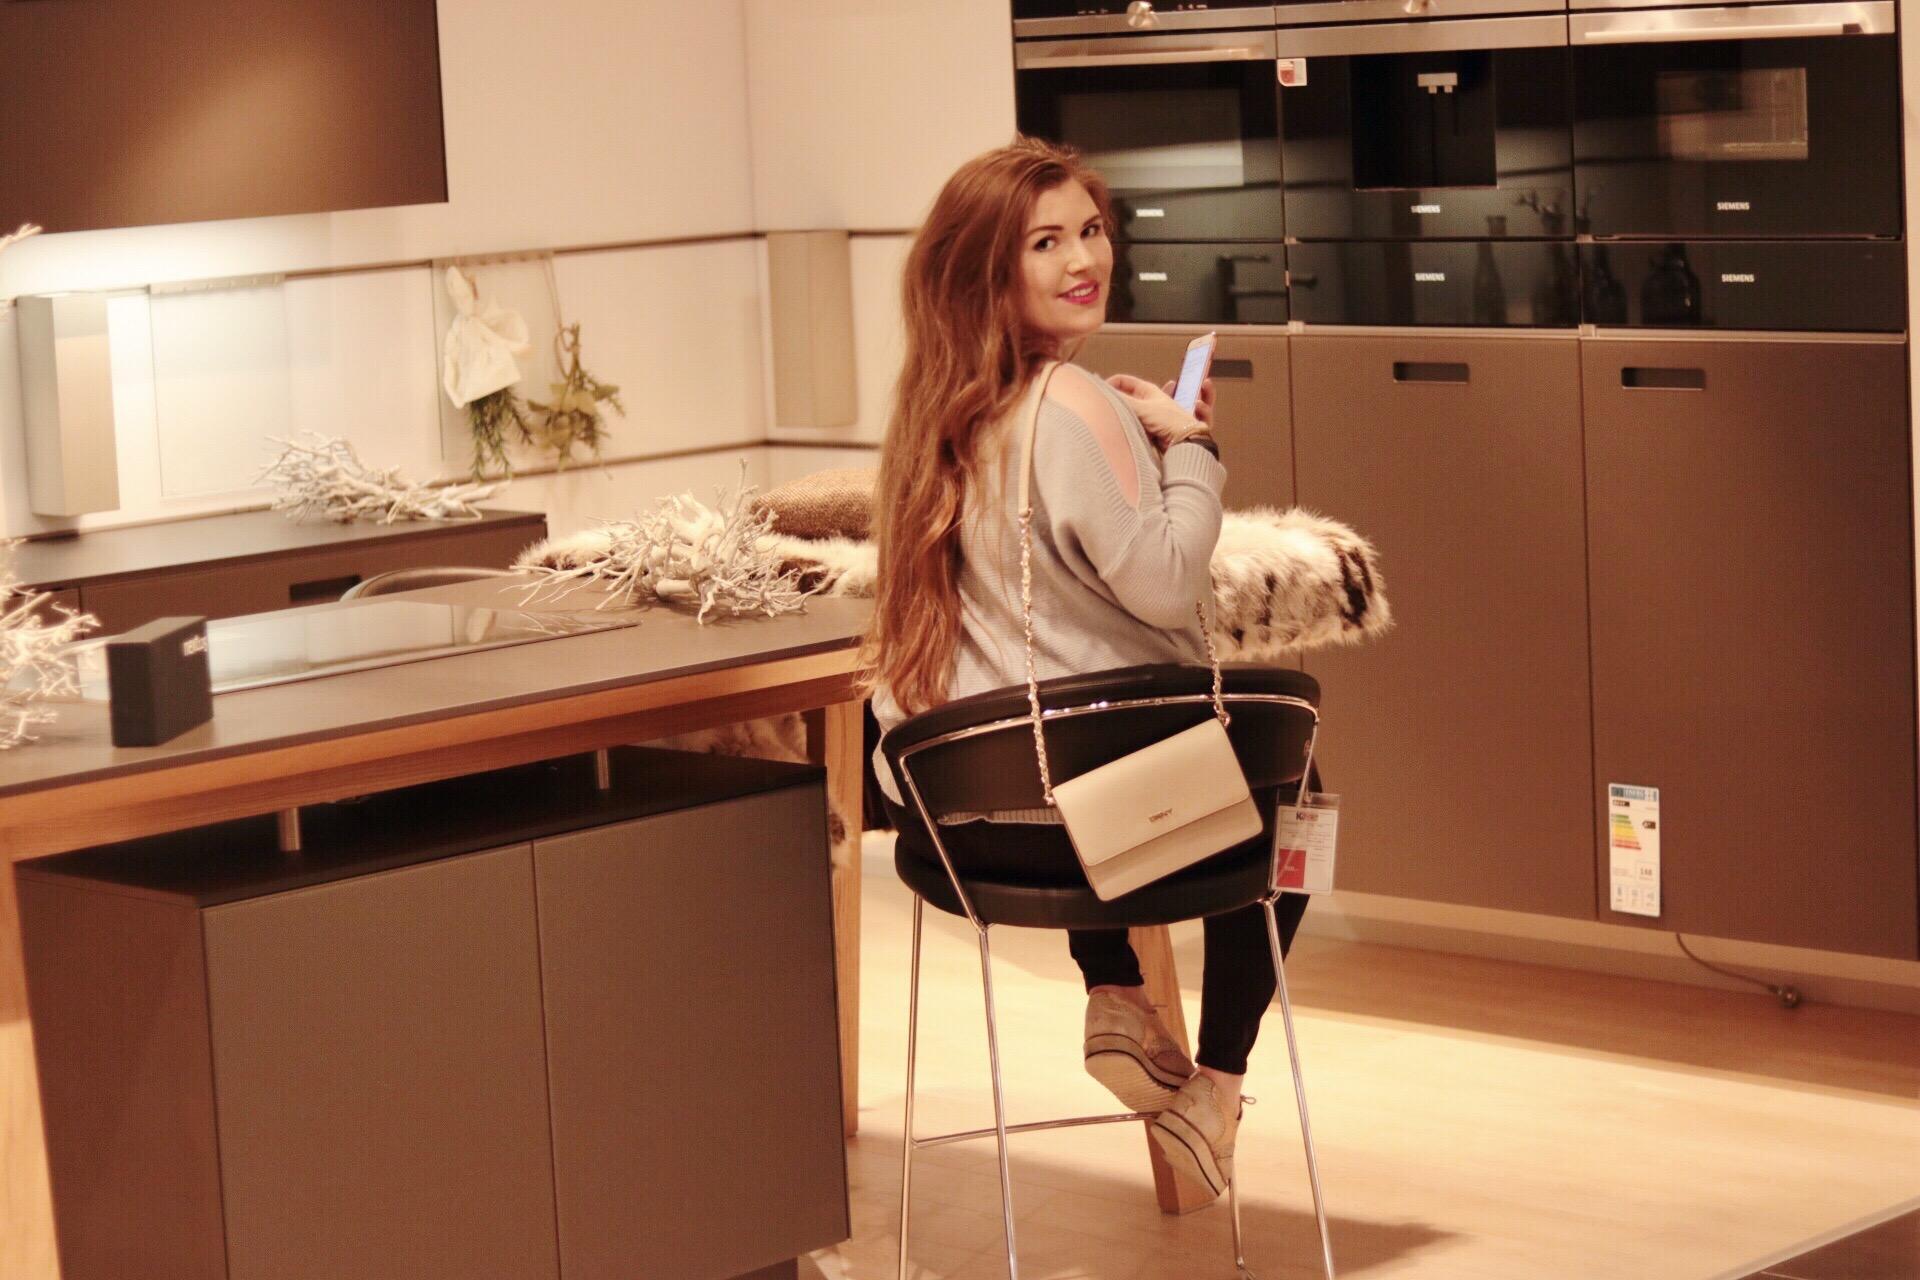 Full Size of Küchen Aktuell Wir Bauen Ein Haus 1 Unsere Kchen Erfahrungen Ann Regal Wohnzimmer Küchen Aktuell